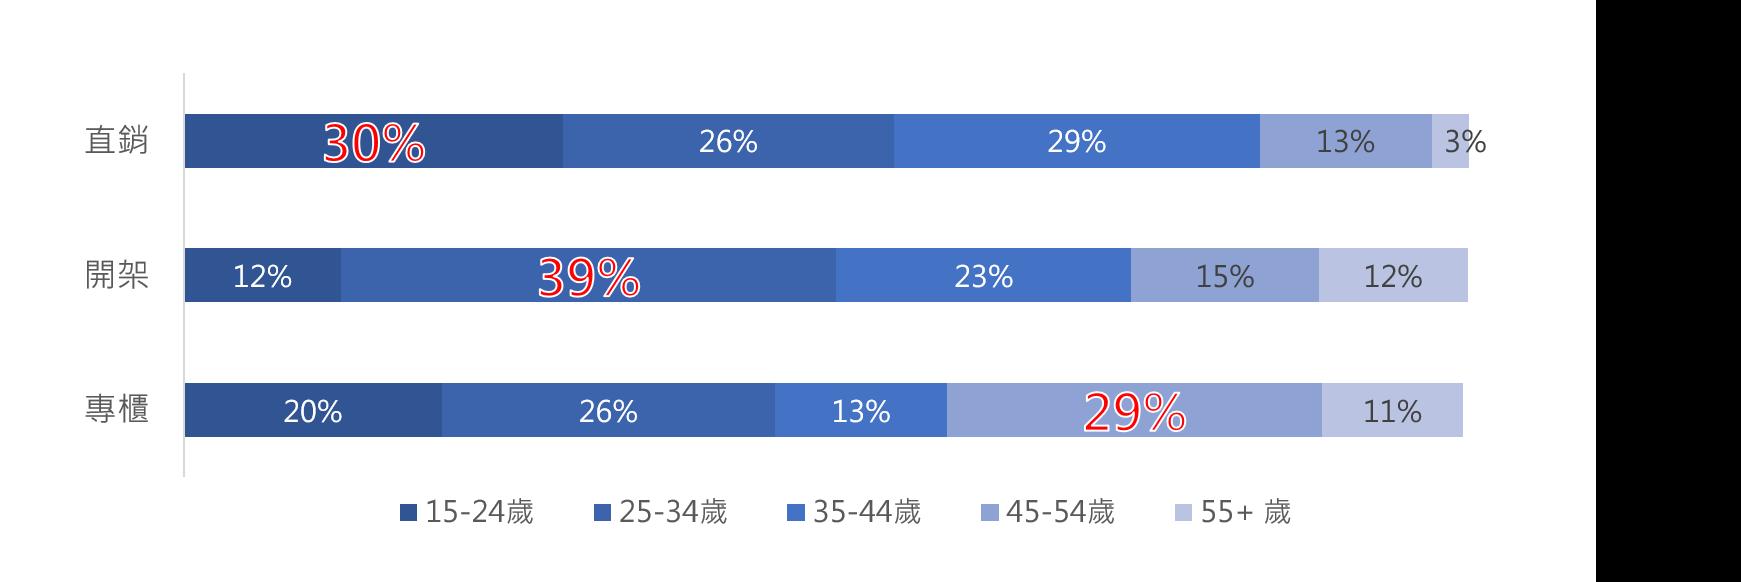 ▲三大保養品通路關注者 各別年齡占比